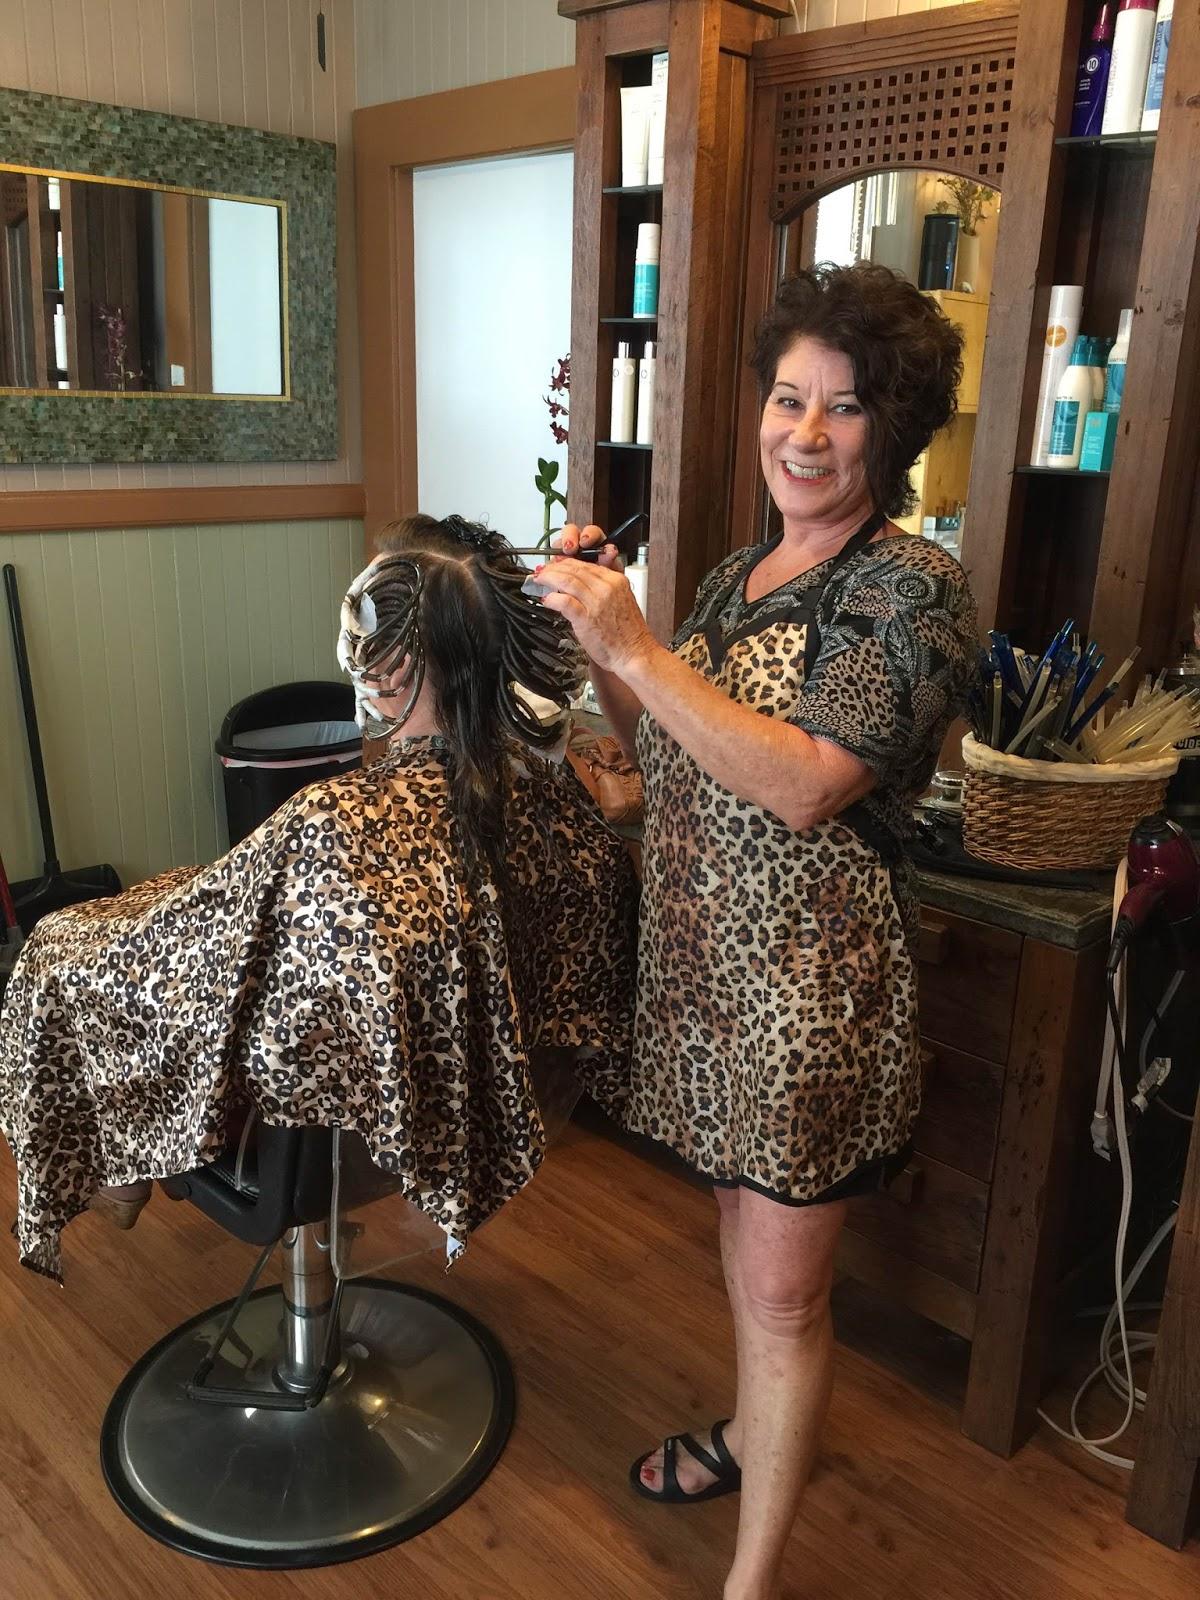 The ka calendar news briefs hawai i island sep 28 2015 for Aaina beauty salon parlin